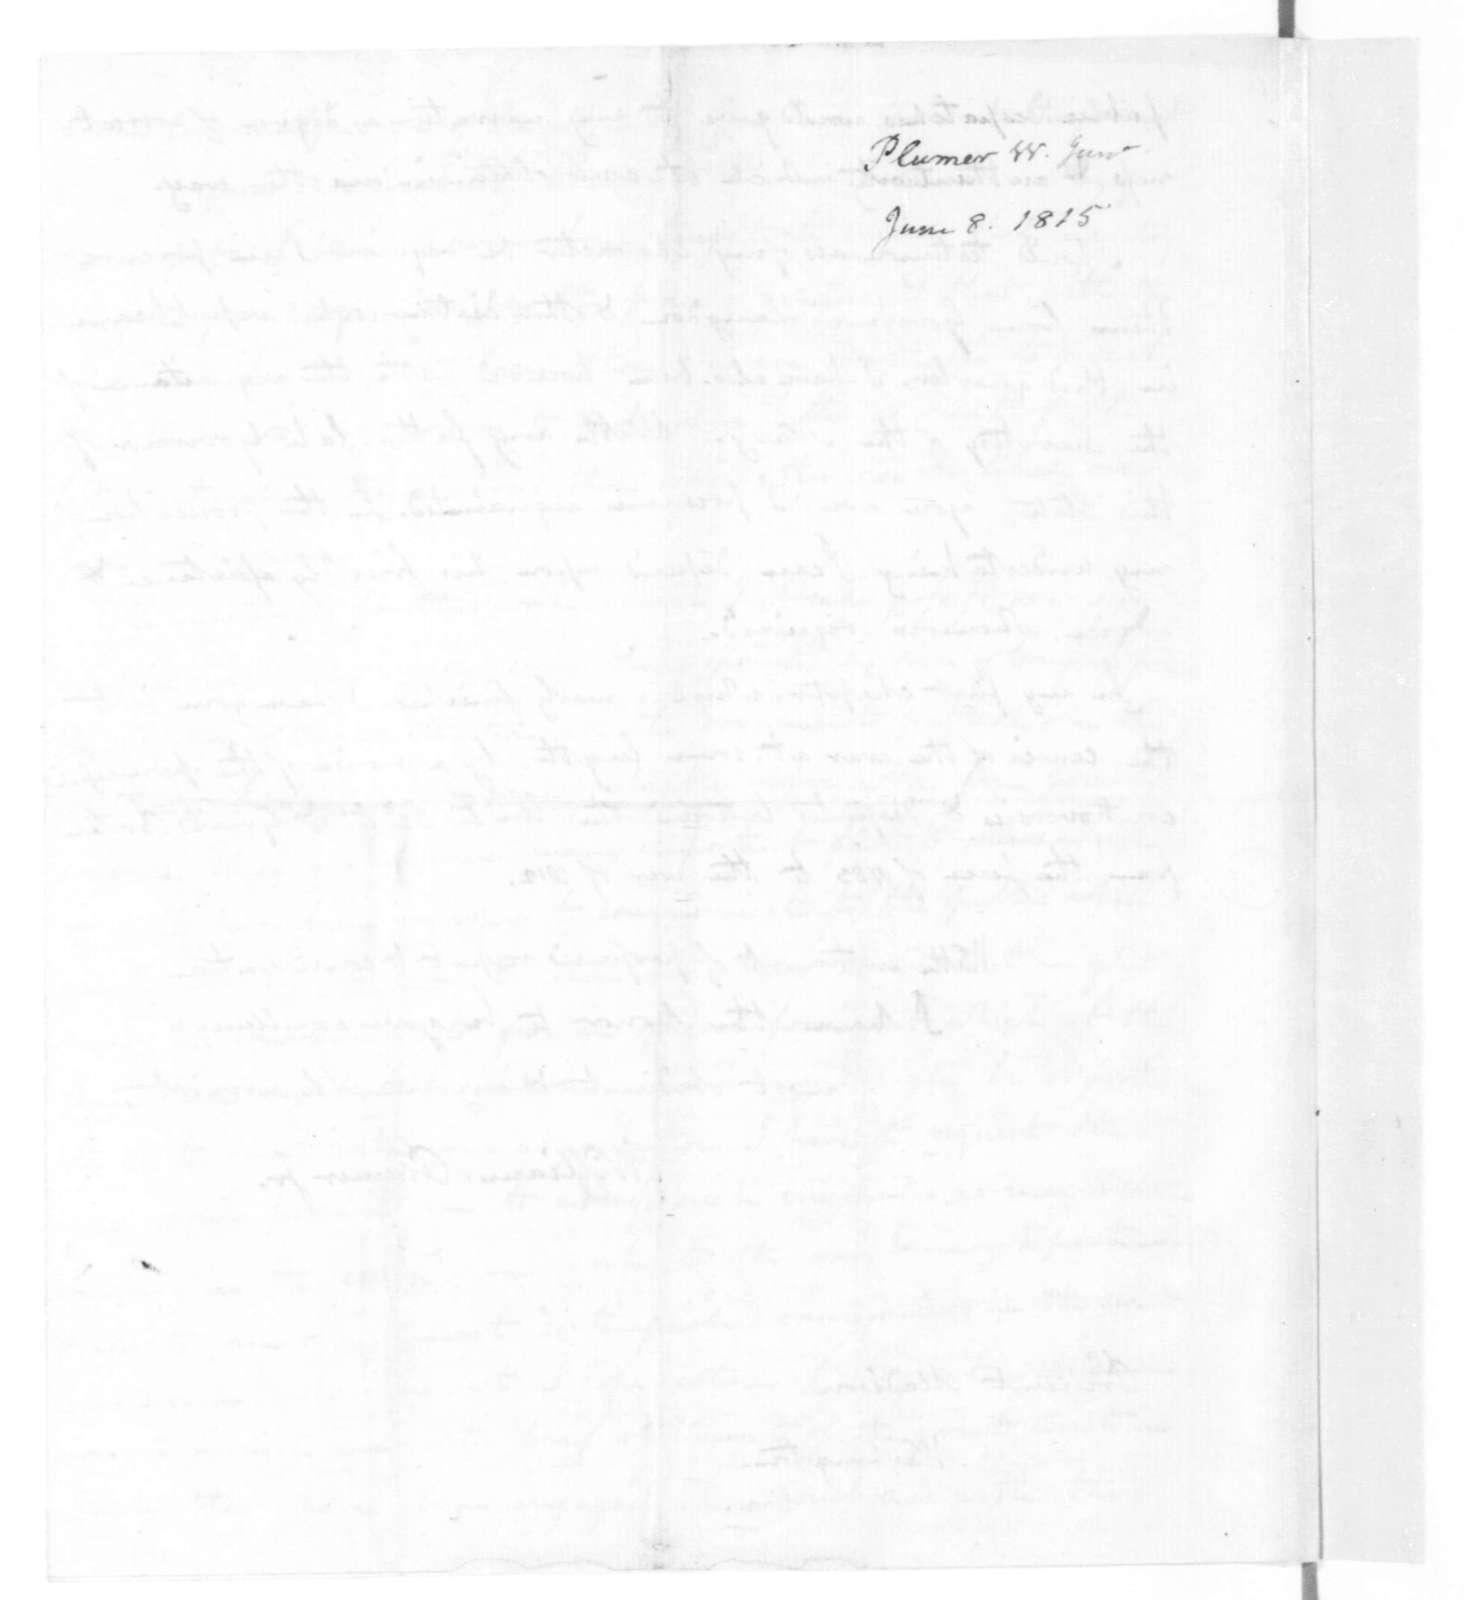 William Plumer to James Madison, June 8, 1815.